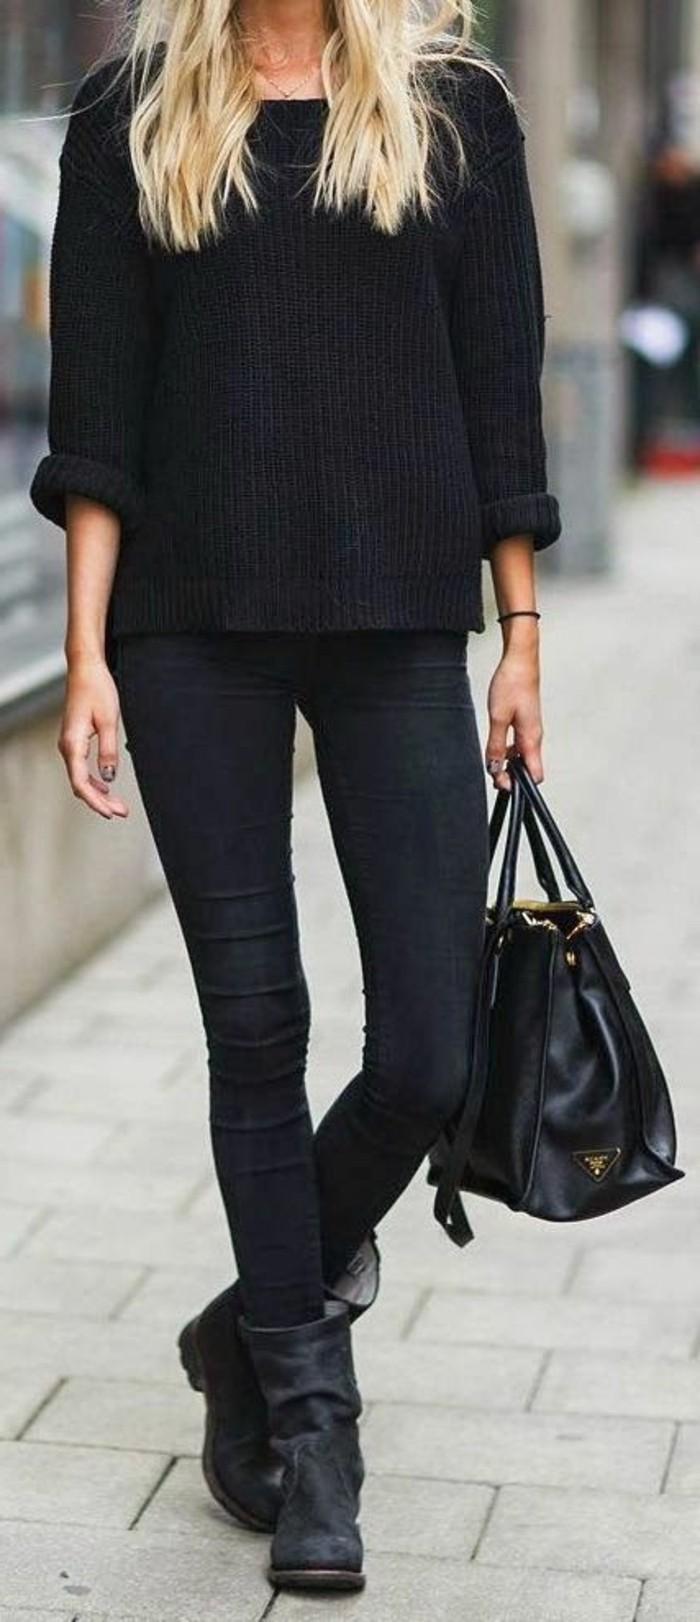 les bottines femme - voyez les meilleurs tendances! - archzine.fr